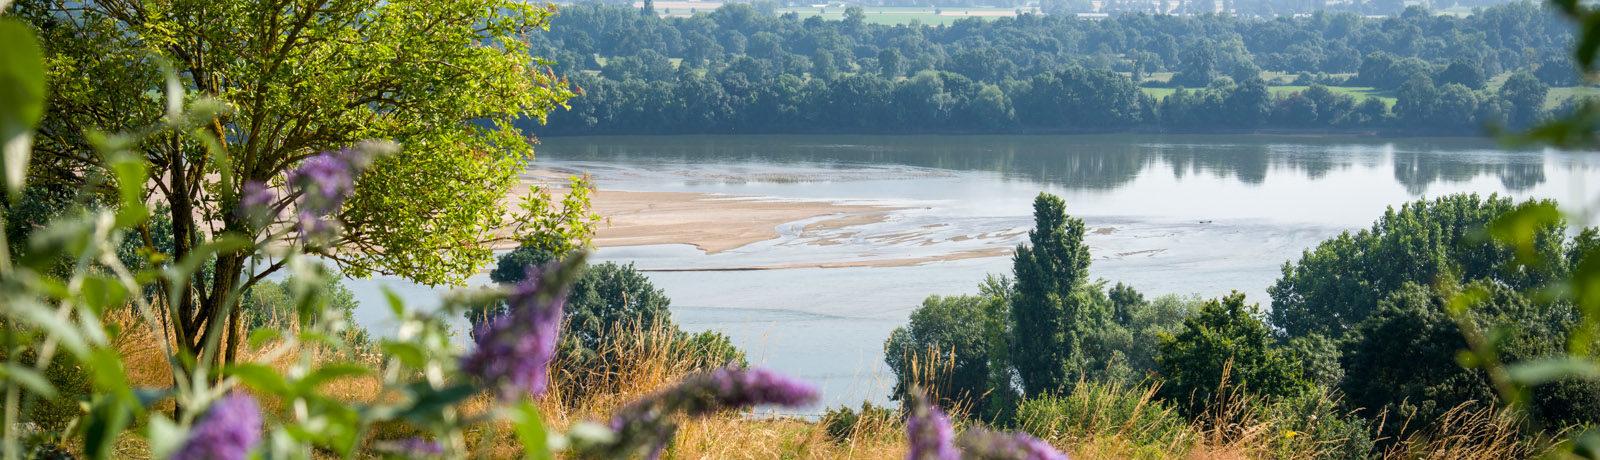 Camping Huttopia Saumur in Saumur is een natuurcamping in Pays de la Loire gelegen aan een rivier vlakbij de bezienswaardigheden van de Maine-et-Loire.